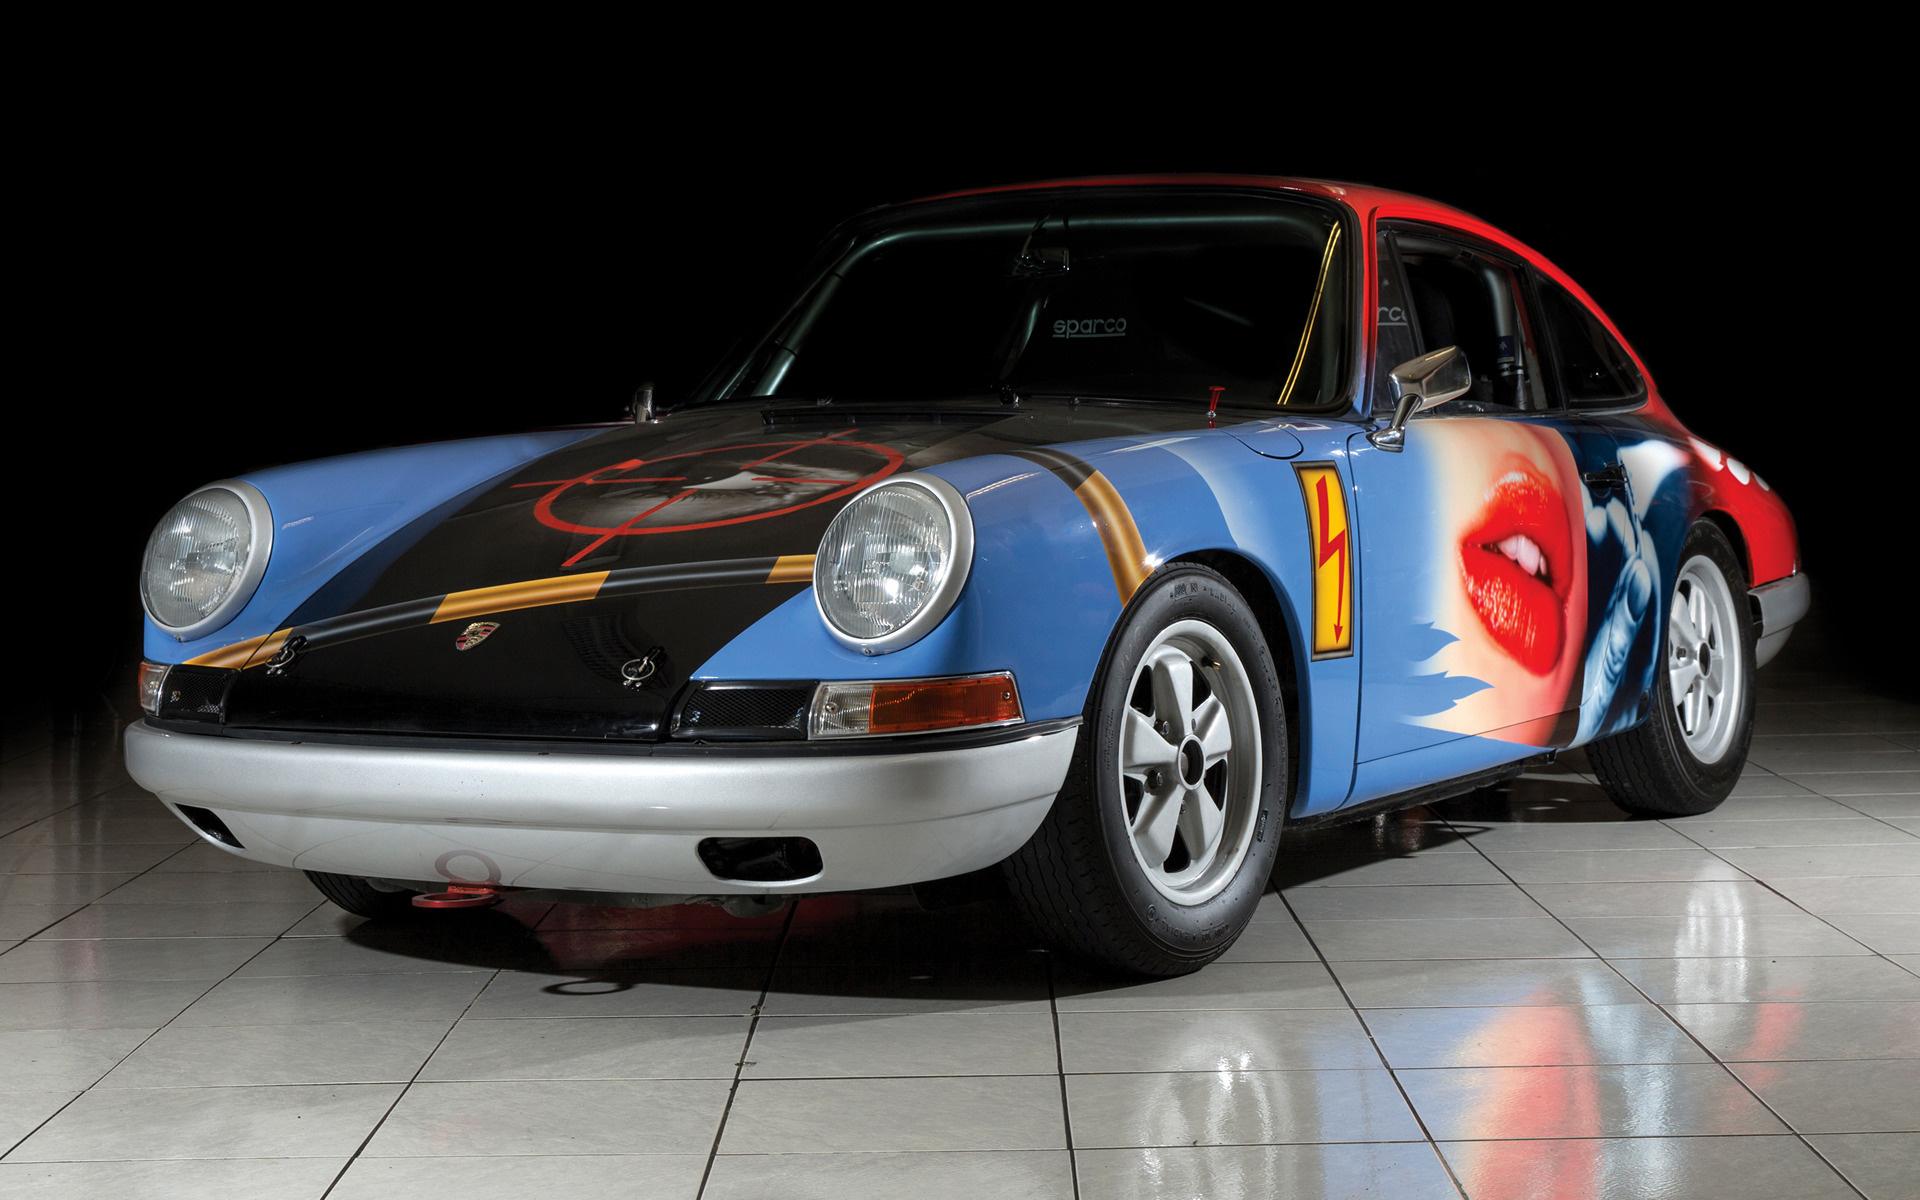 1965 porsche 911 007 art car by peter klasen